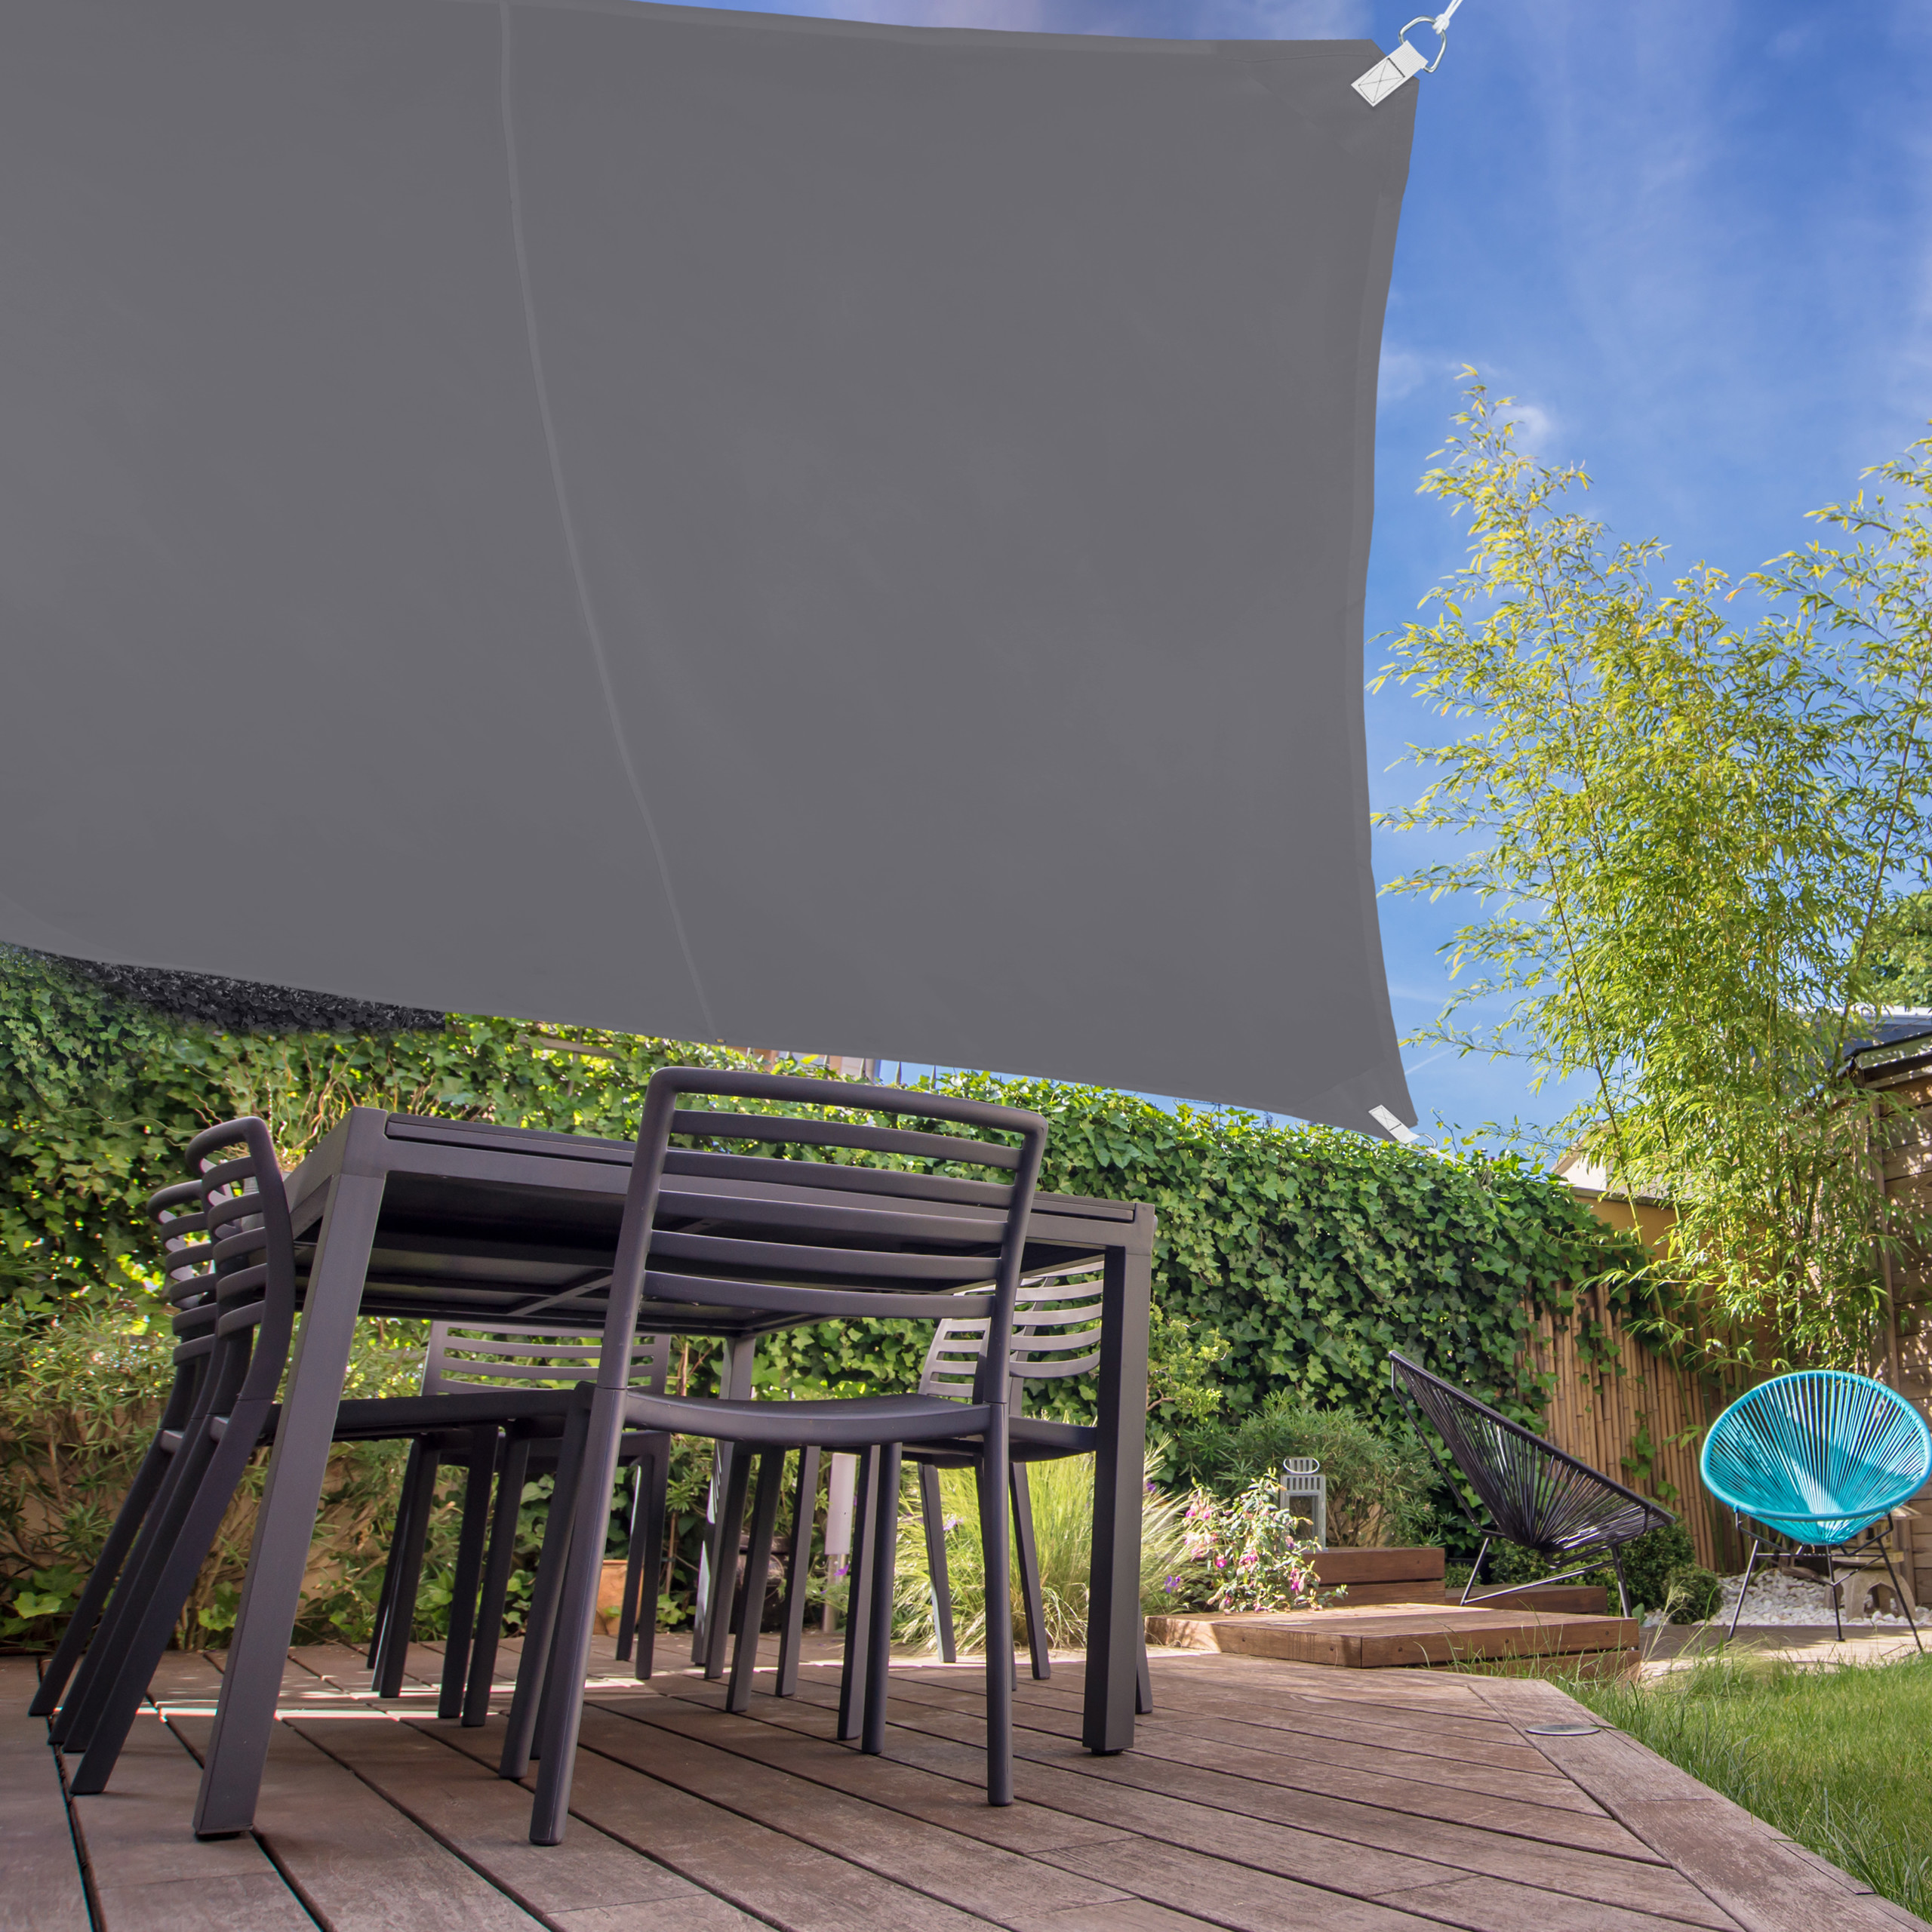 Sonnensegel Terrassendach Stoff Balkonsegel Segeltuch grau quadratisch UV-Schutz